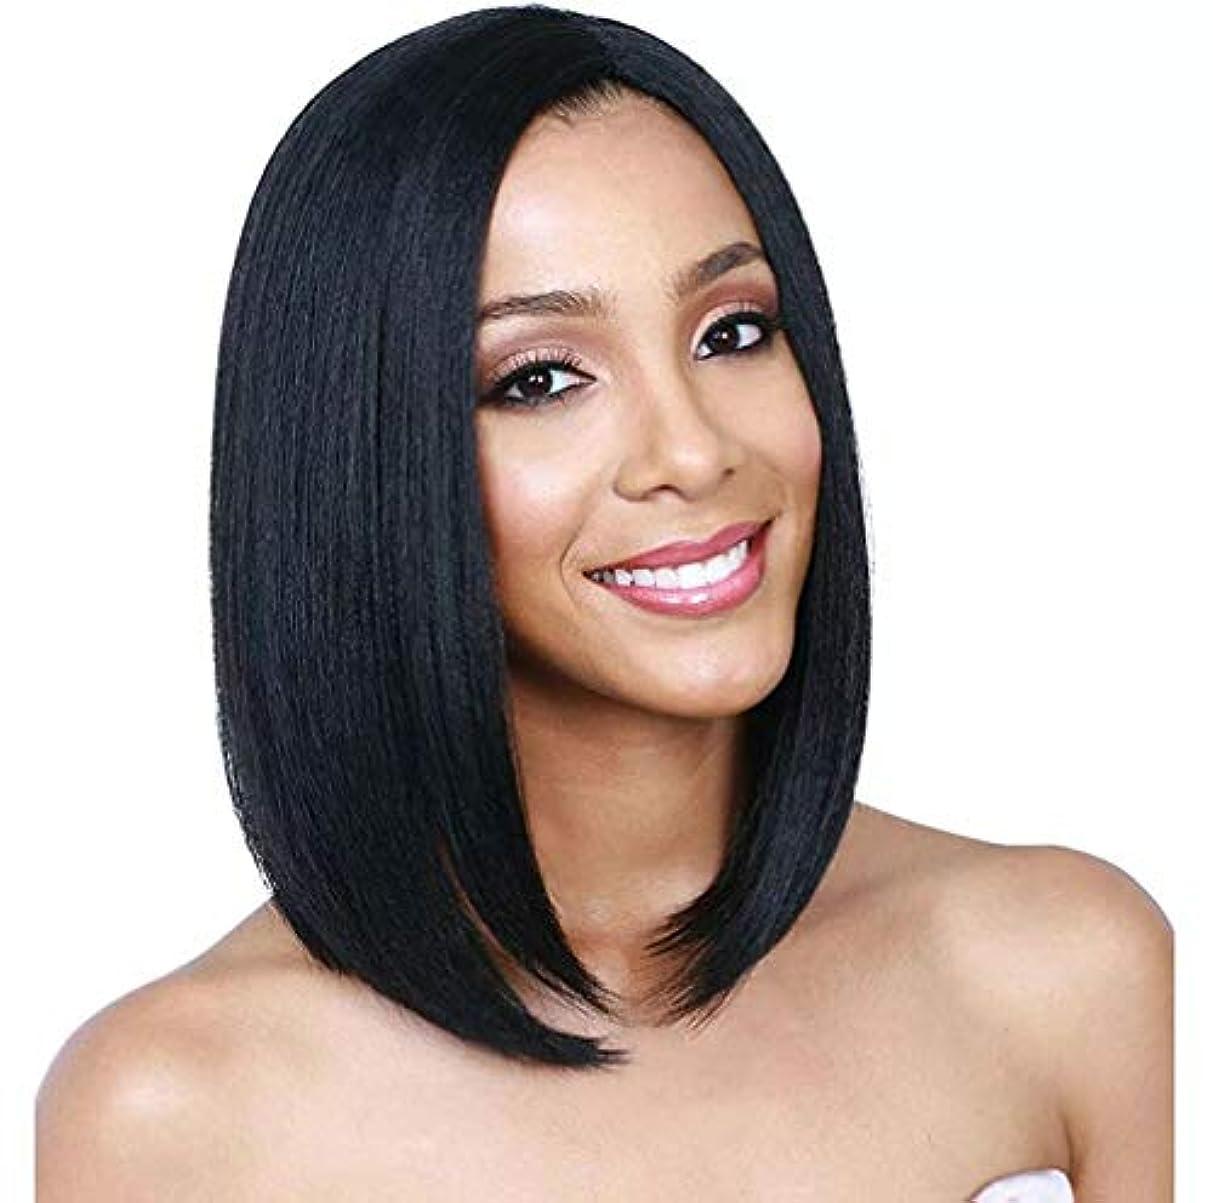 成分好色な評価可能女性のかつらボブストレート人工毛ウィッグ耐熱繊維グルーレス髪の毎日パーティーグラデーション150%高密度